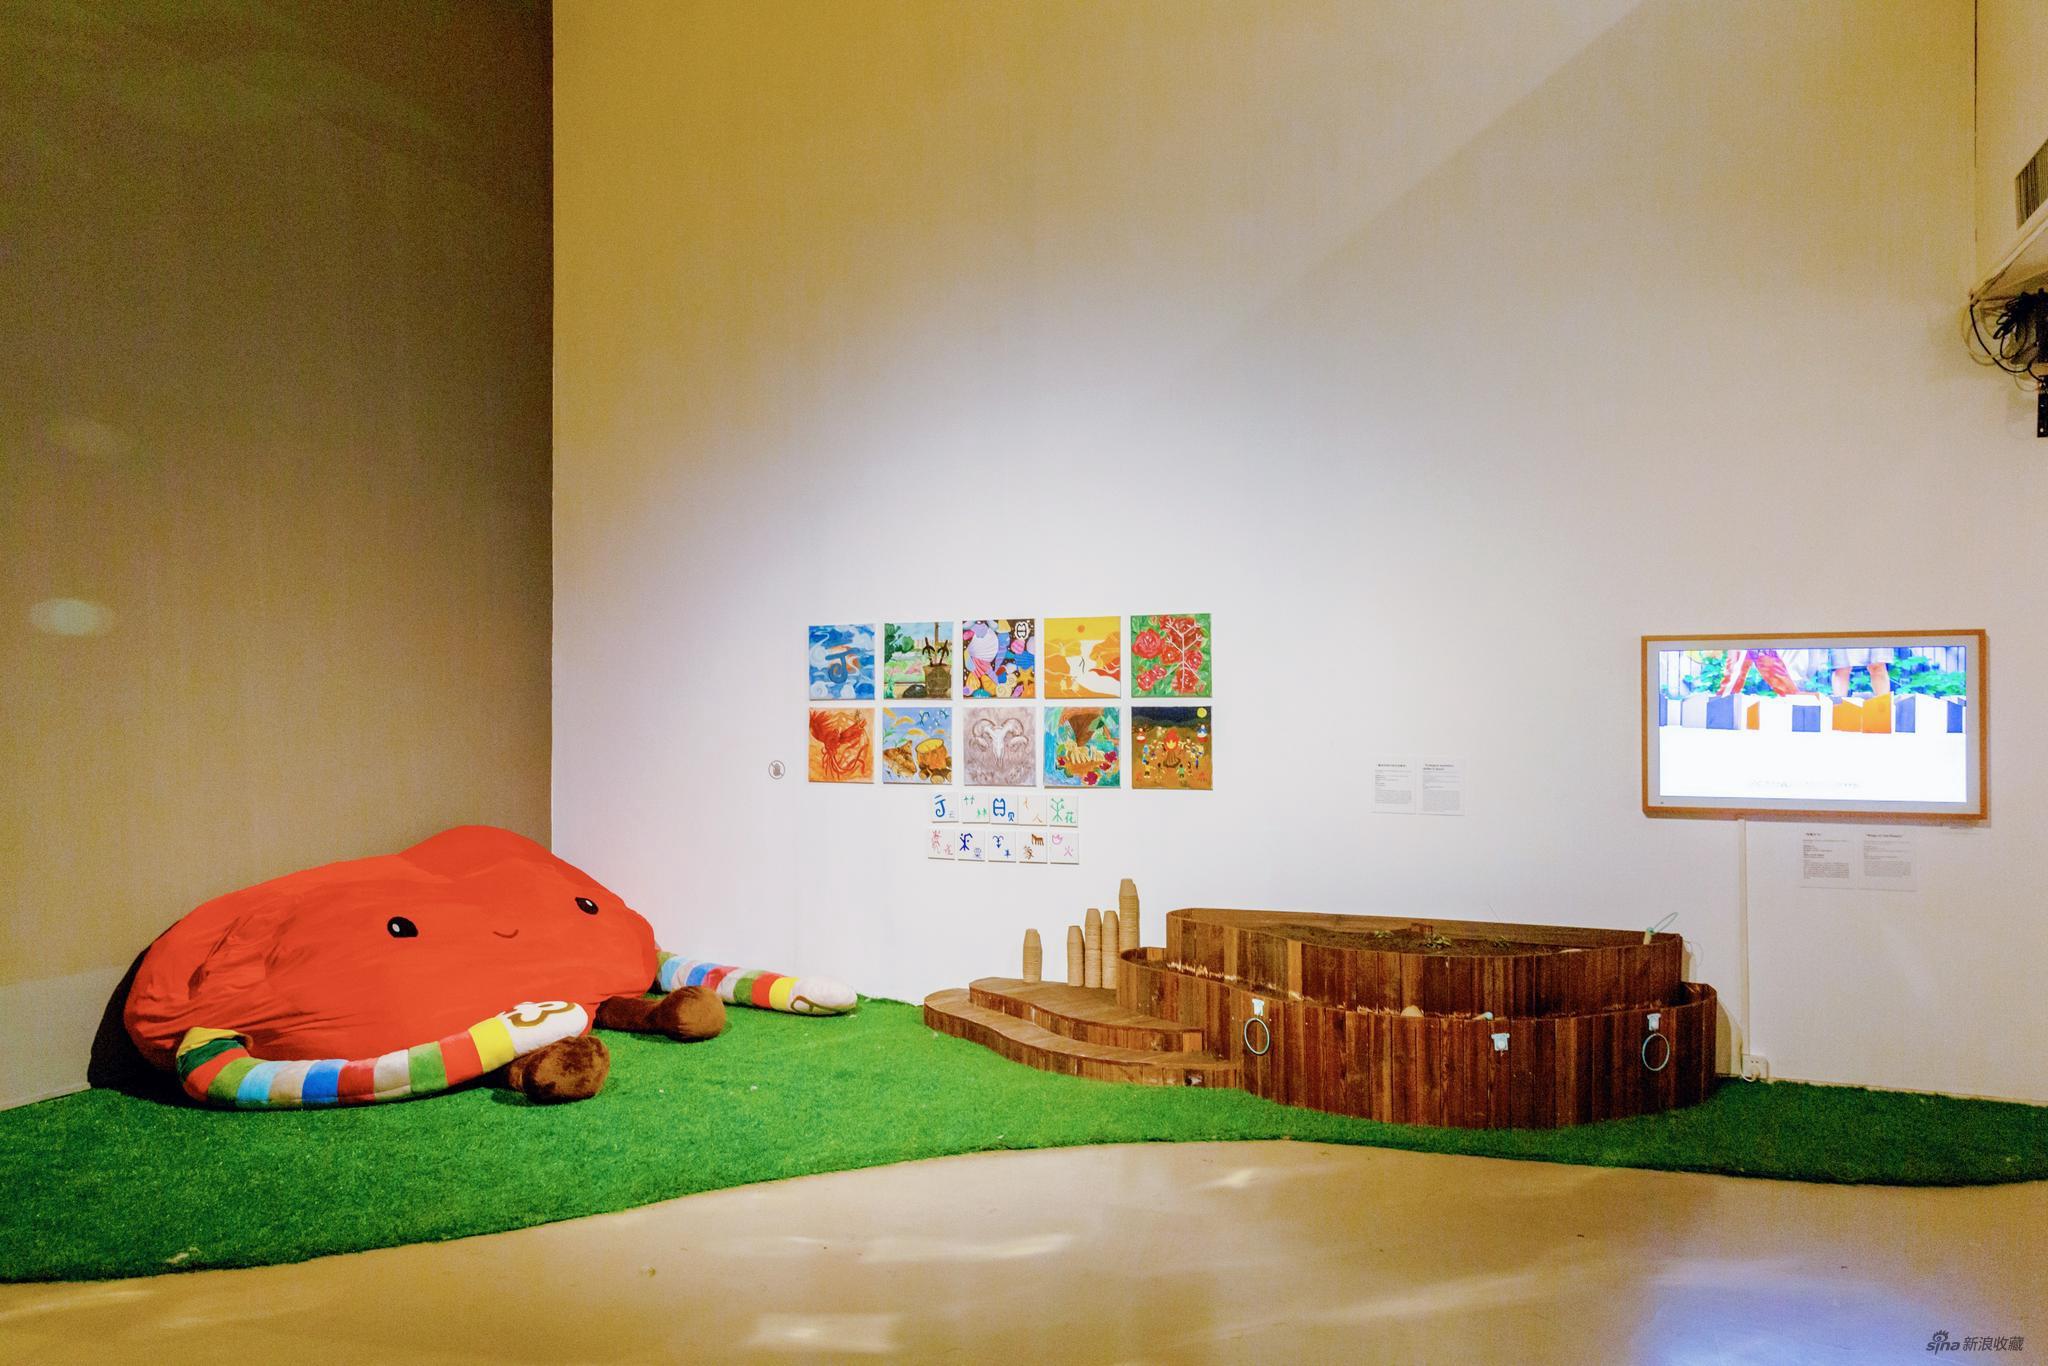 展覽推薦 | Kids Power公共教育兒童作品展